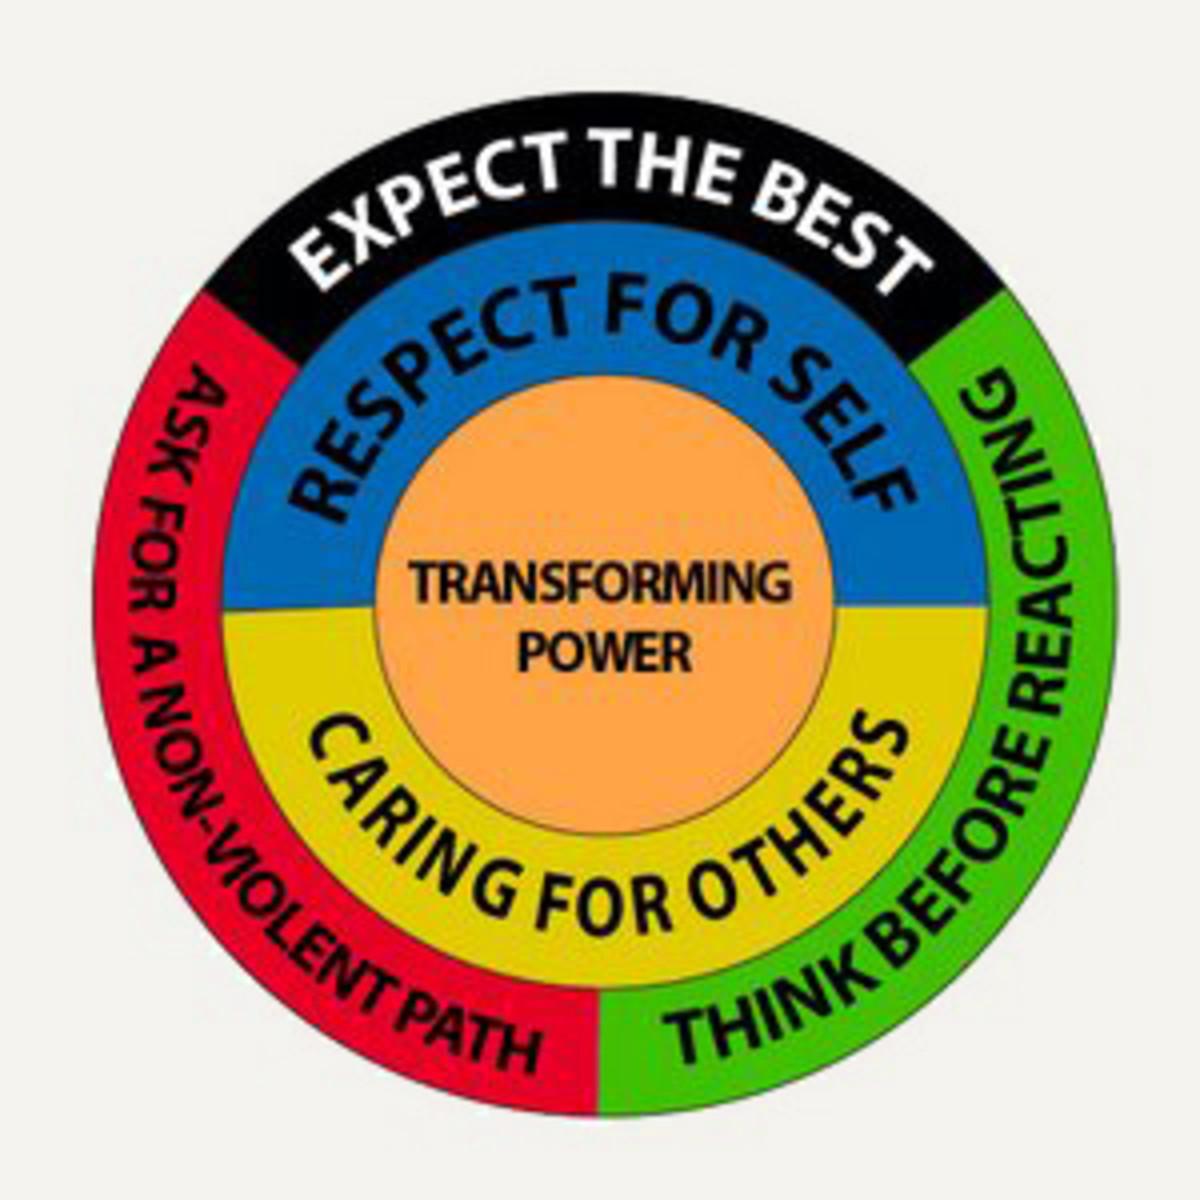 the AVP Mandala describes the major tenets